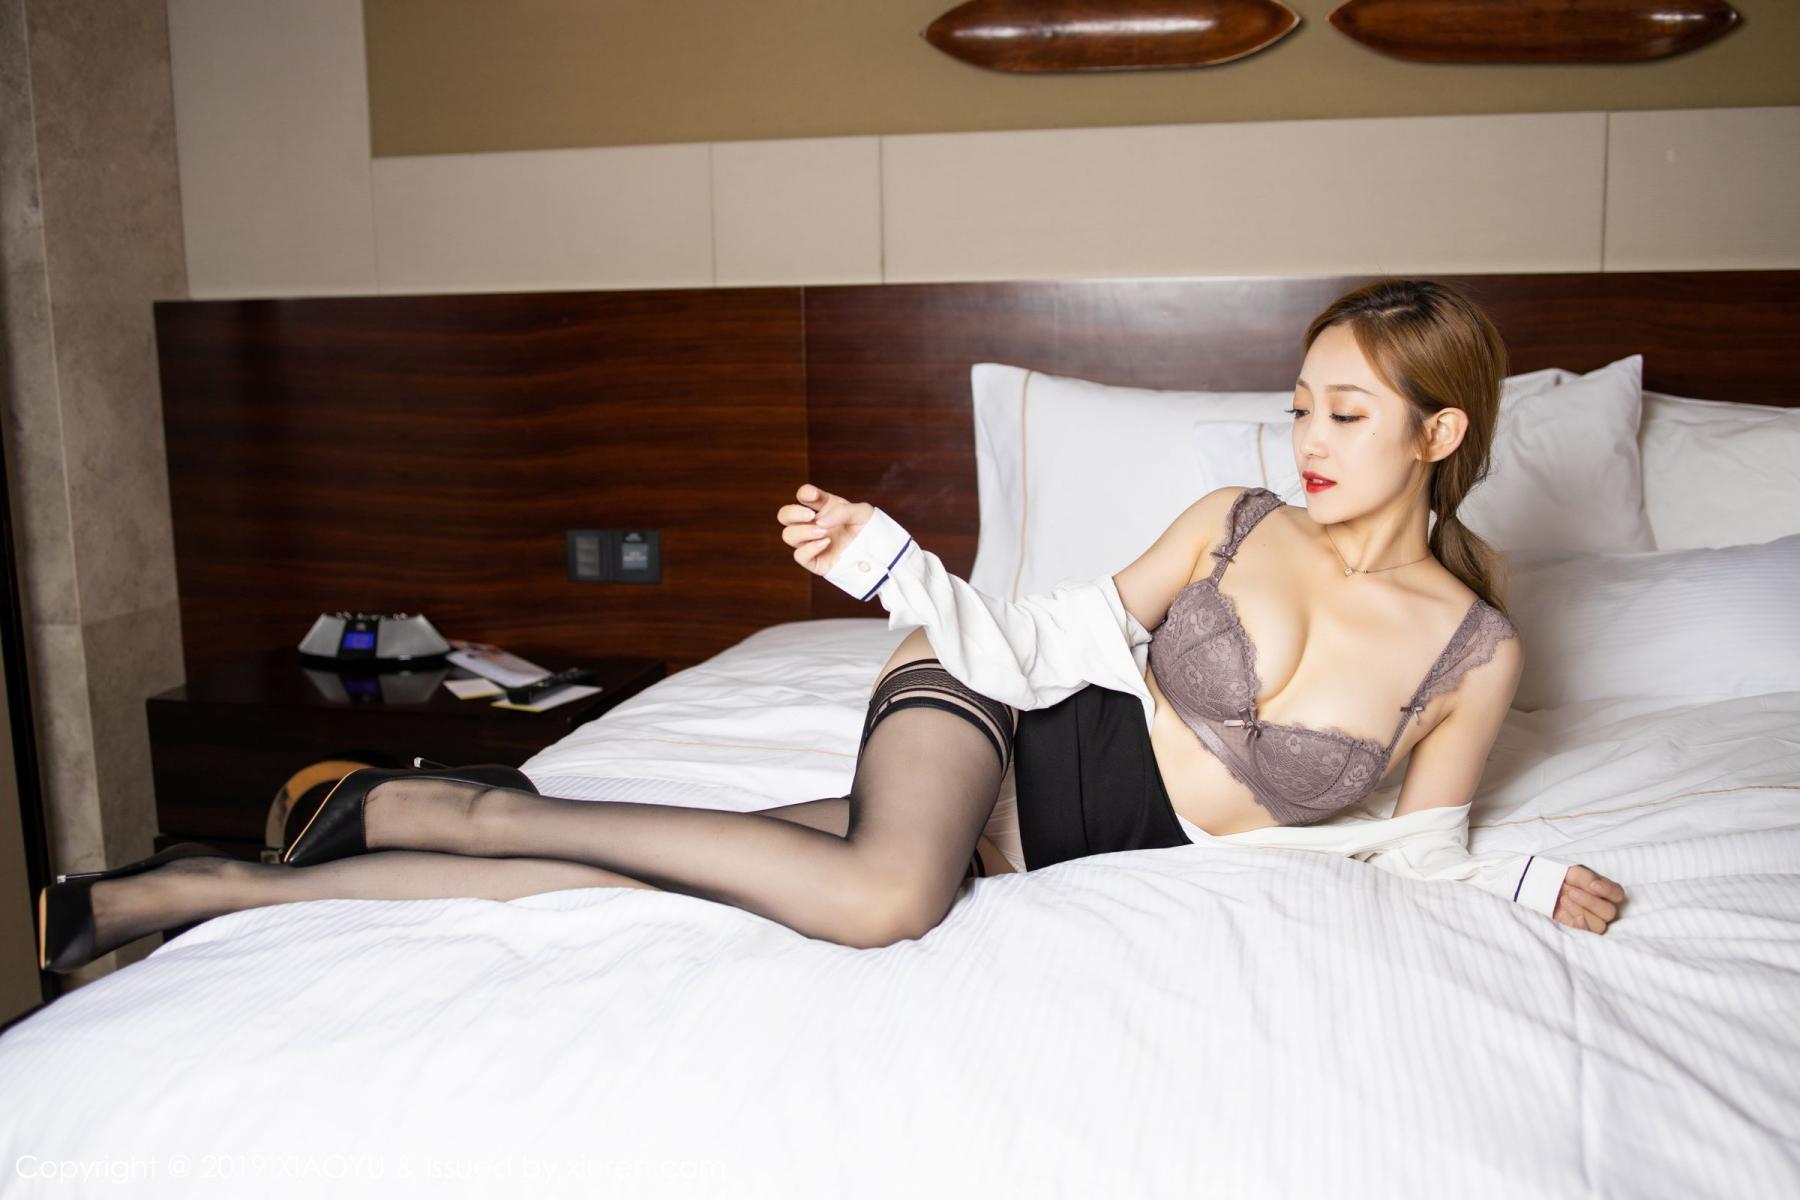 [XiaoYu] Vol.181 Yuner Claire 35P, Black Silk, Underwear, XiaoYu, Yuner Claire